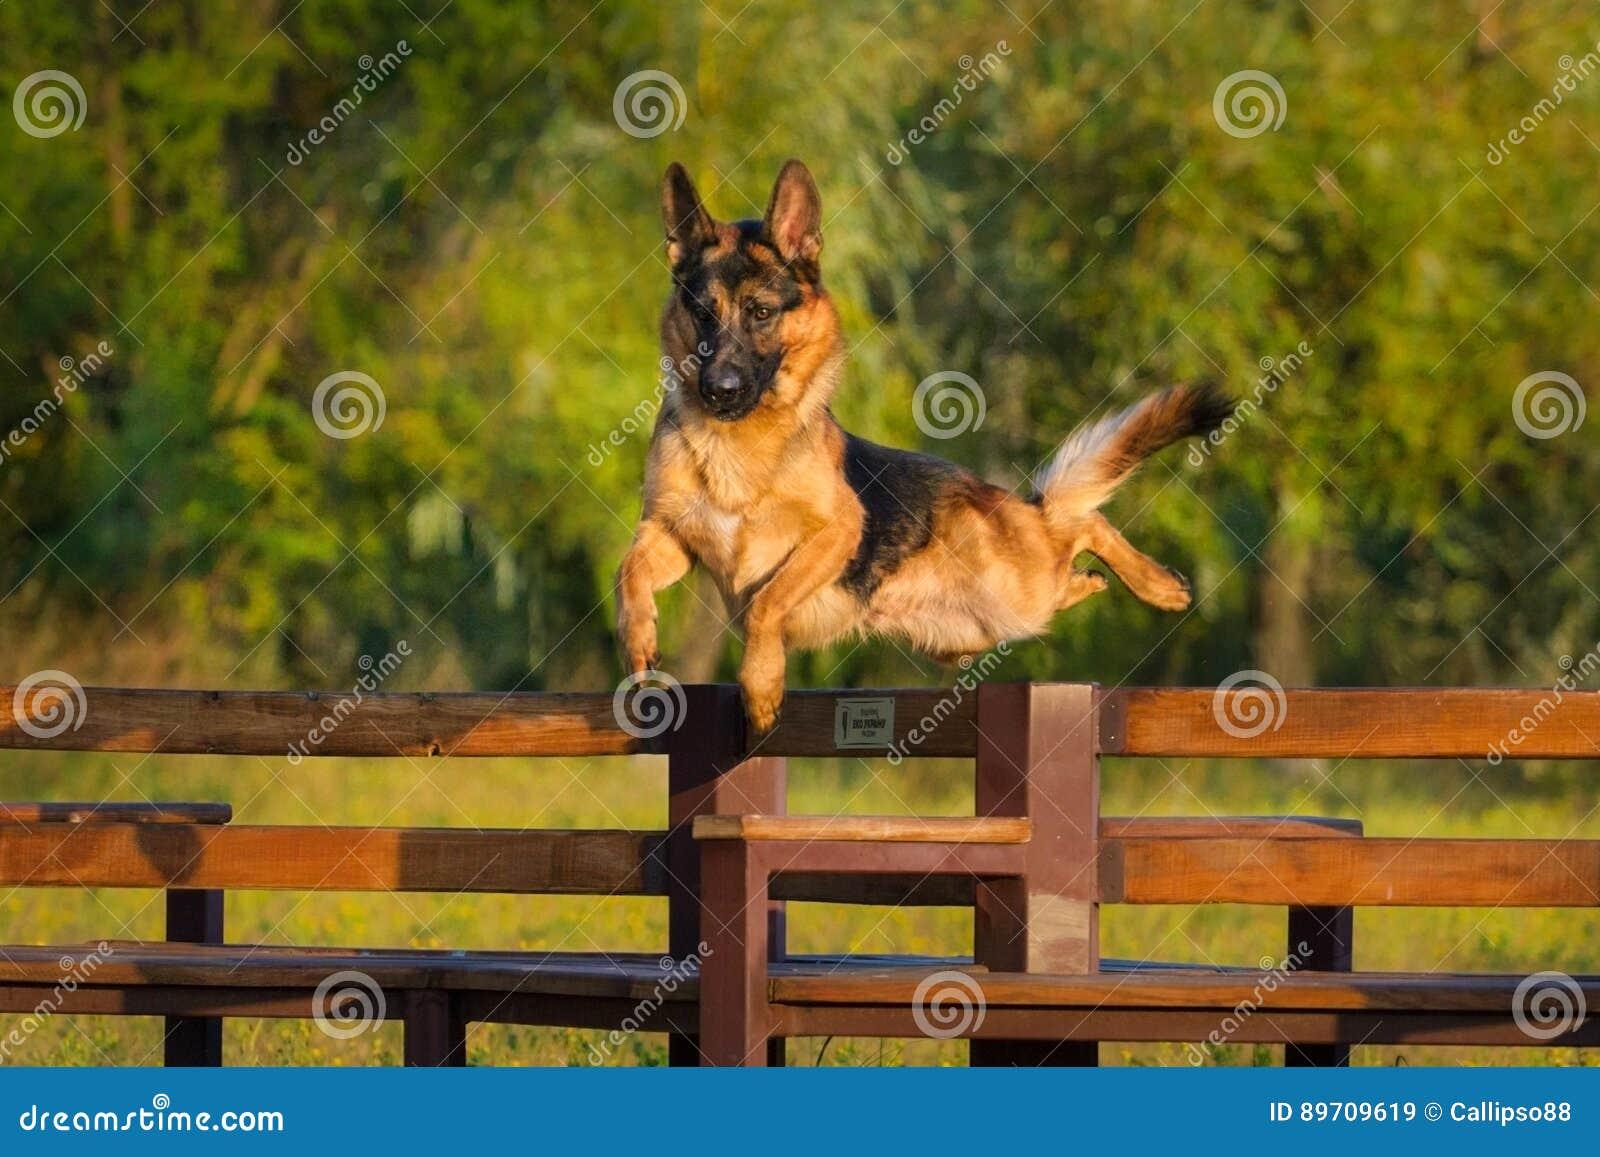 Berger allemand Dog